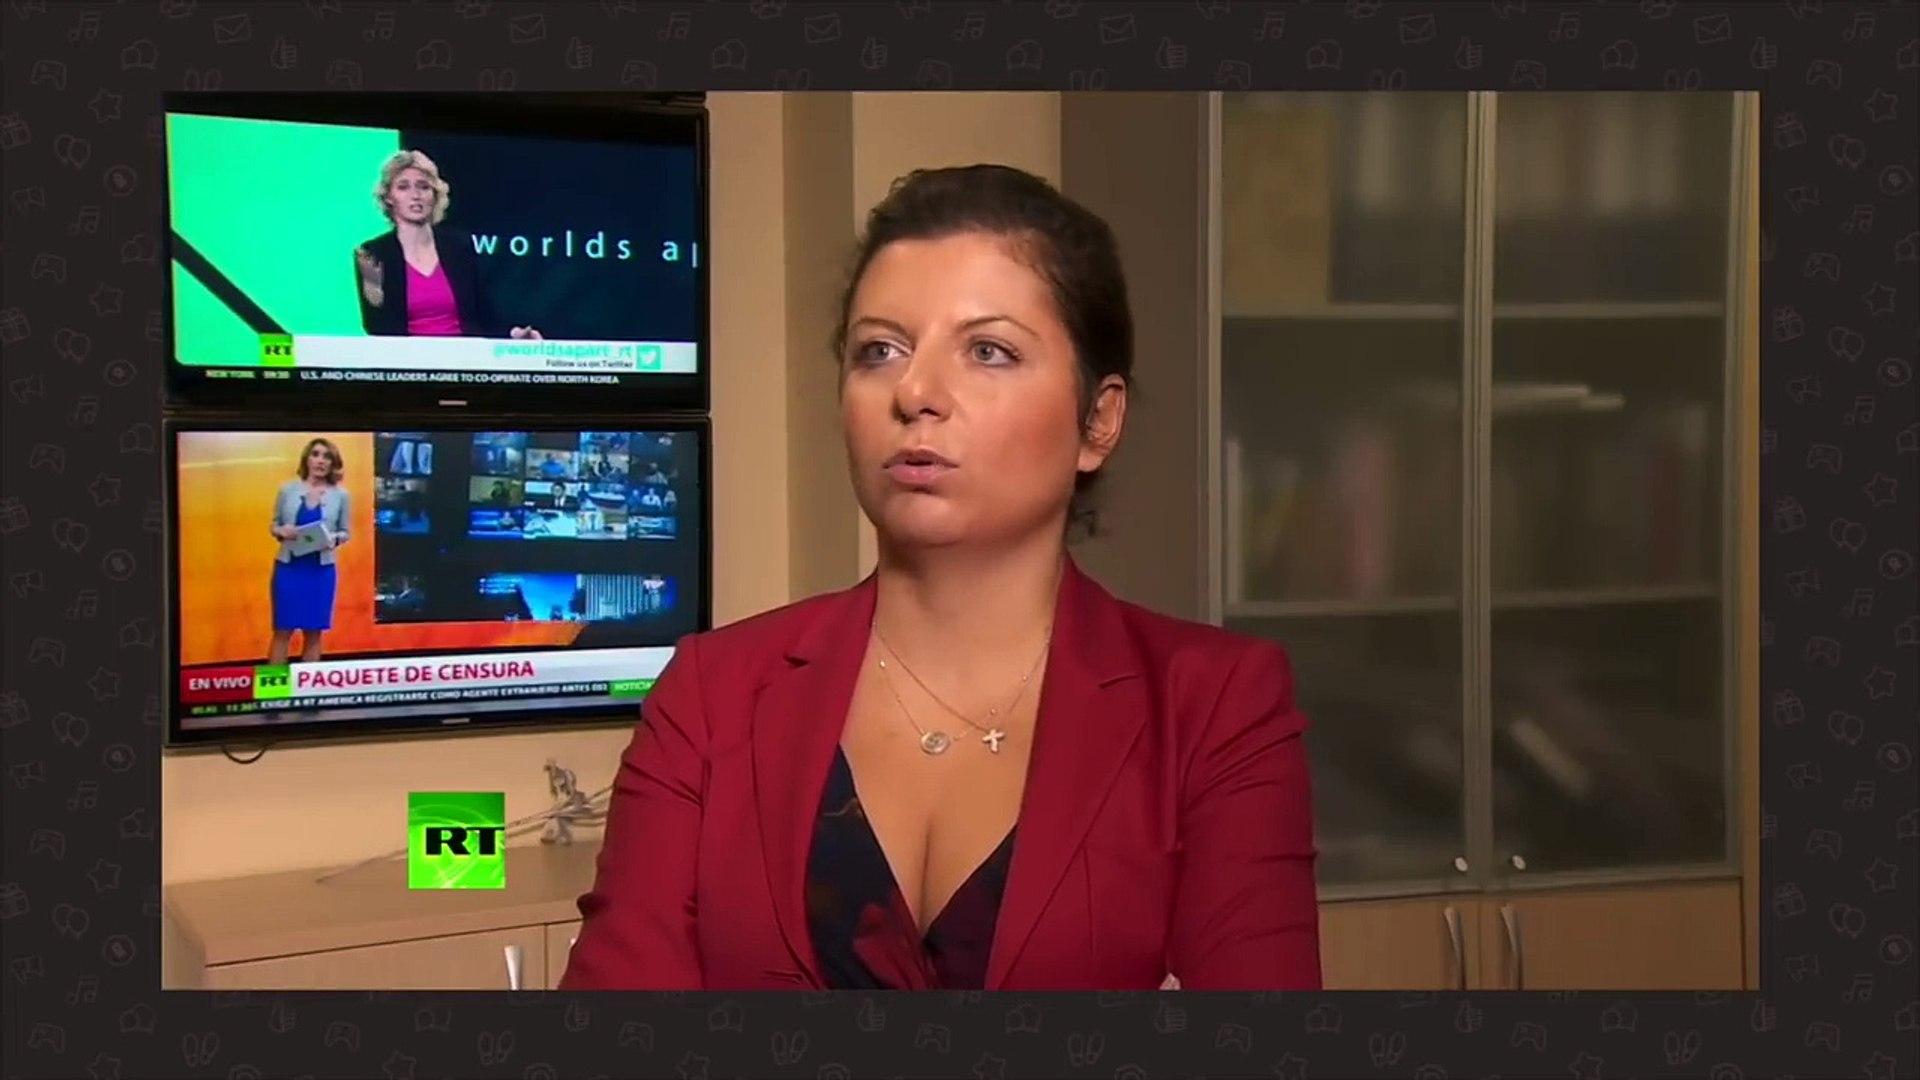 Иностранные агенты, Russia Today. Гость — Монеточка | Класс народа